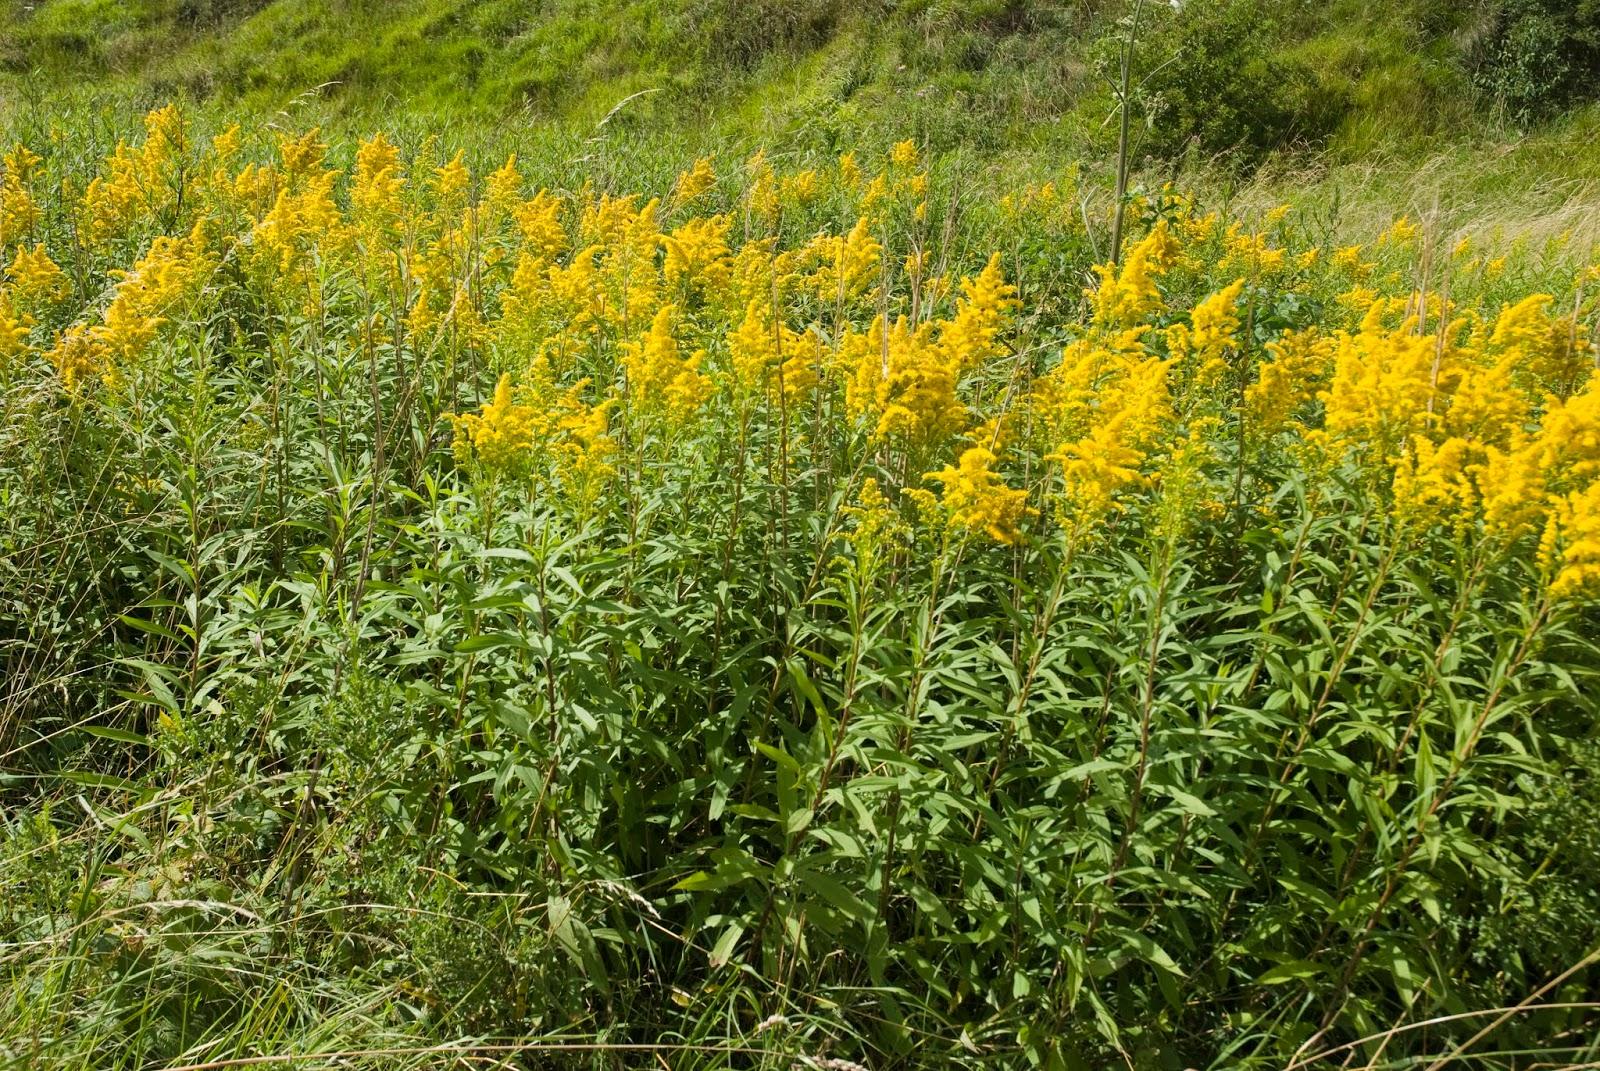 самим желтые соцветия у полевой травы фото монастырь